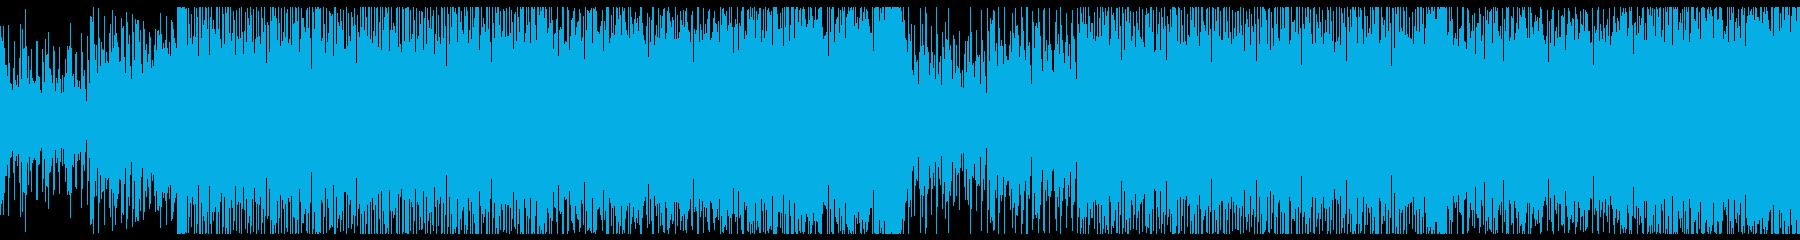 バイオリンメインの壮大な4つ打ちの再生済みの波形